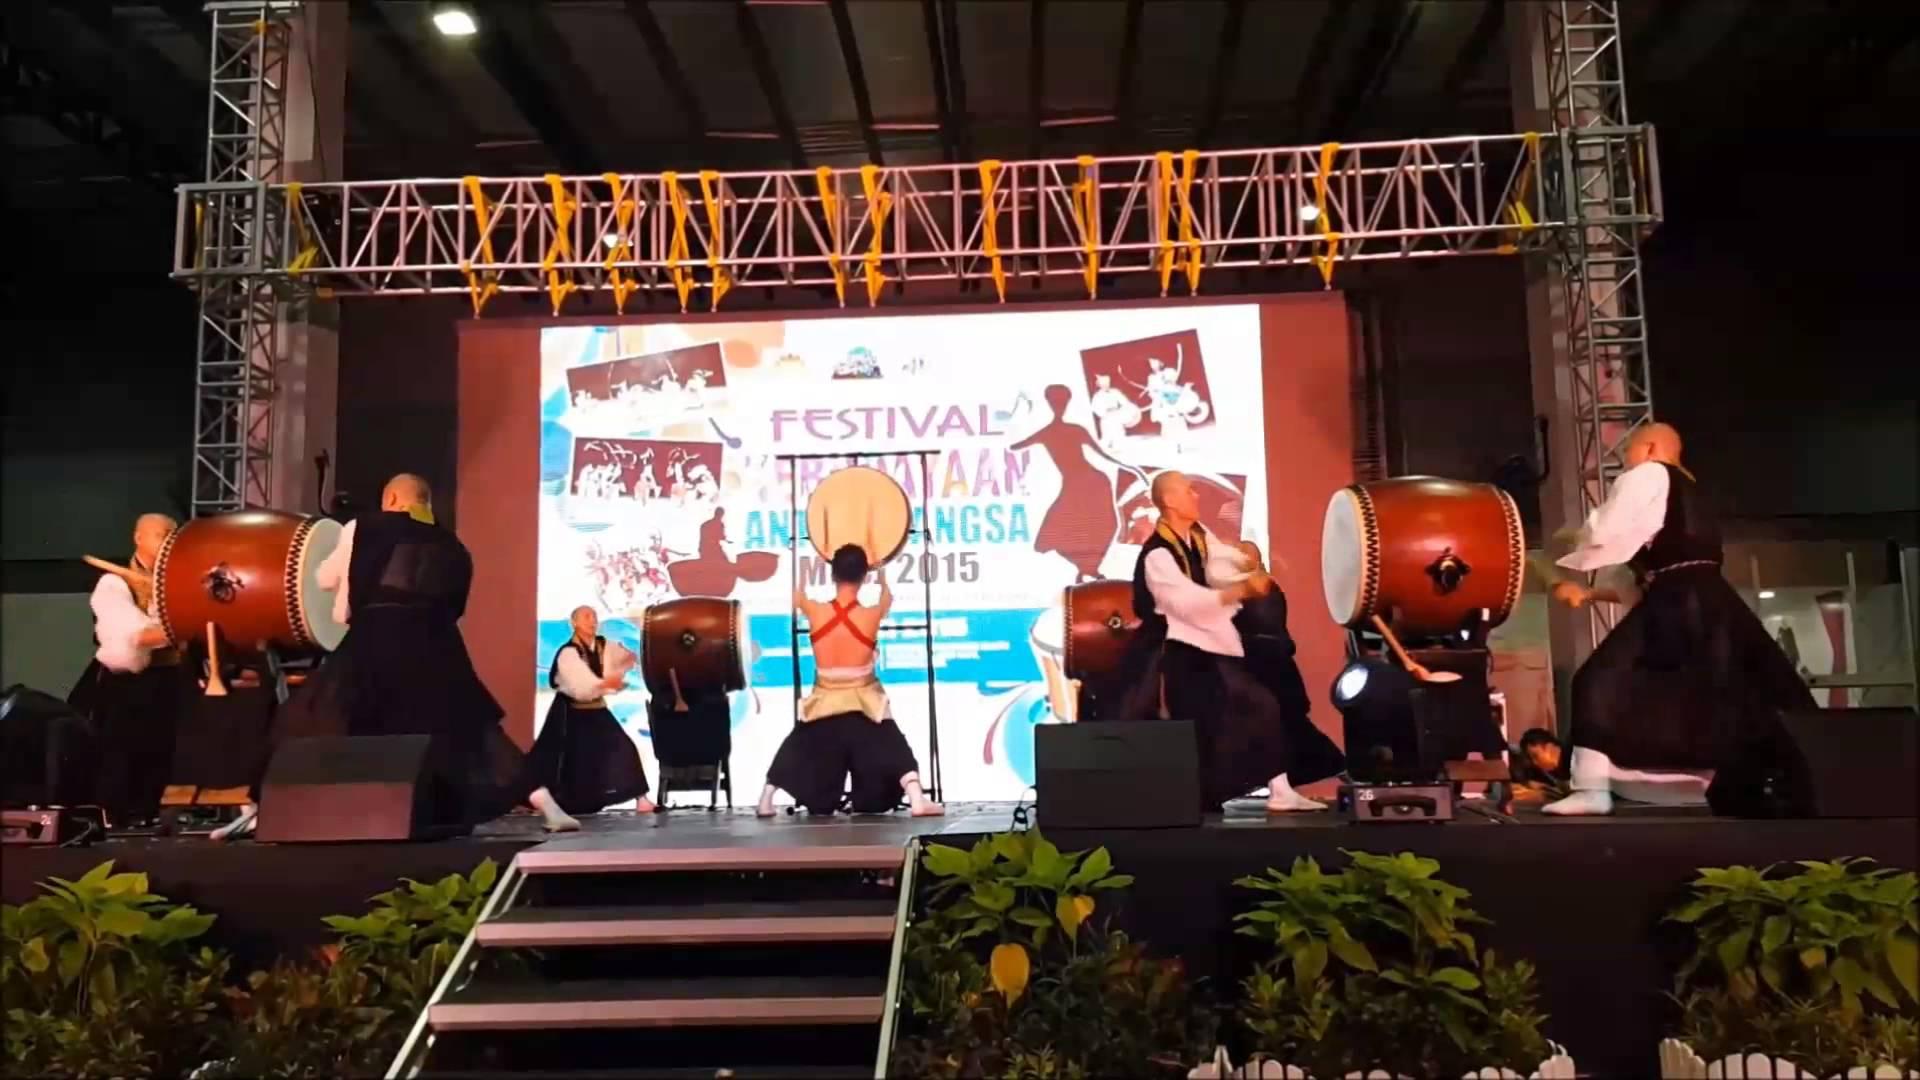 マレーシア公演「International Performing Art Festival 2」